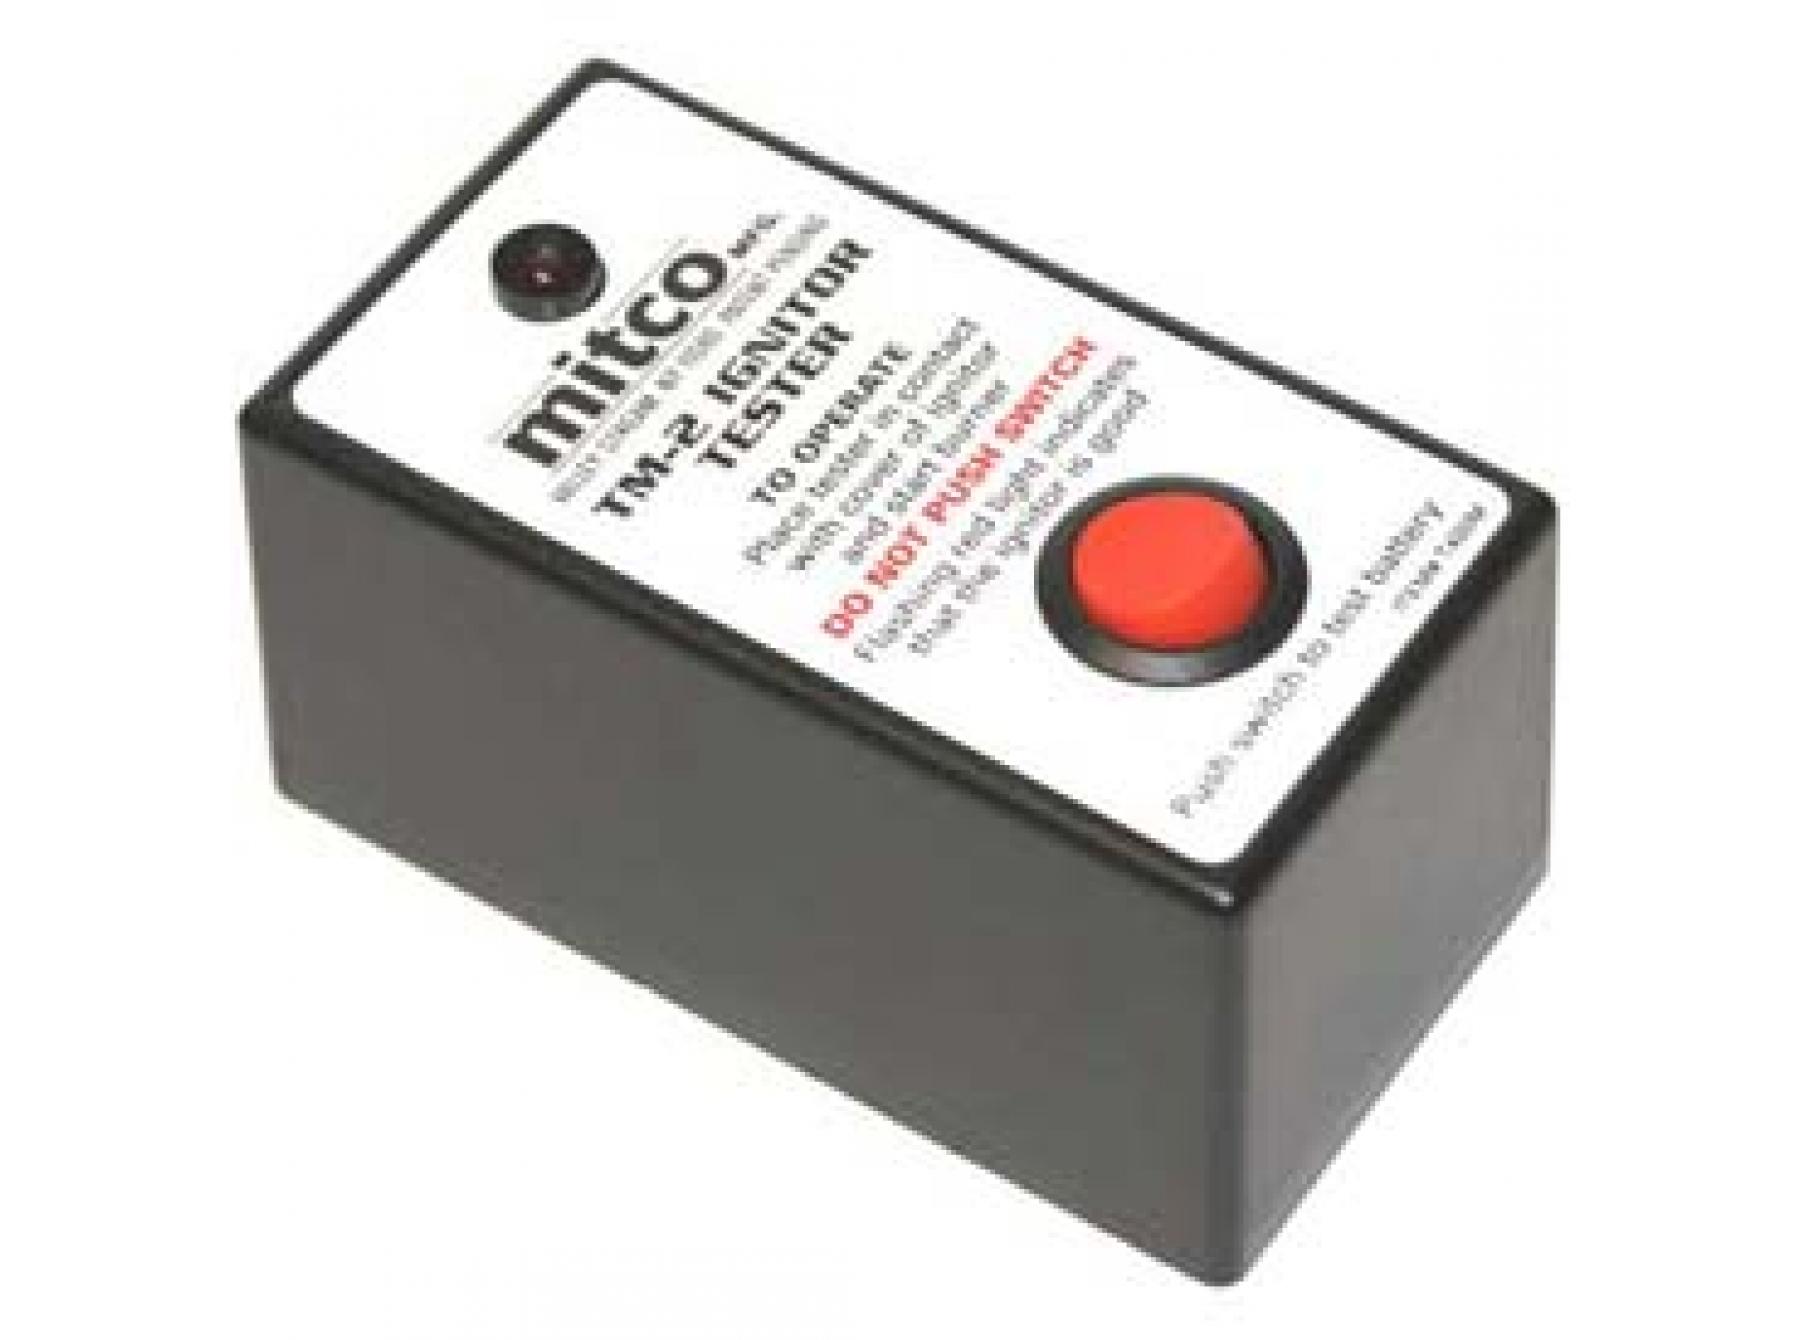 Mitco T400 Solid State Ignitor T389 Iron Core Transformer Tester